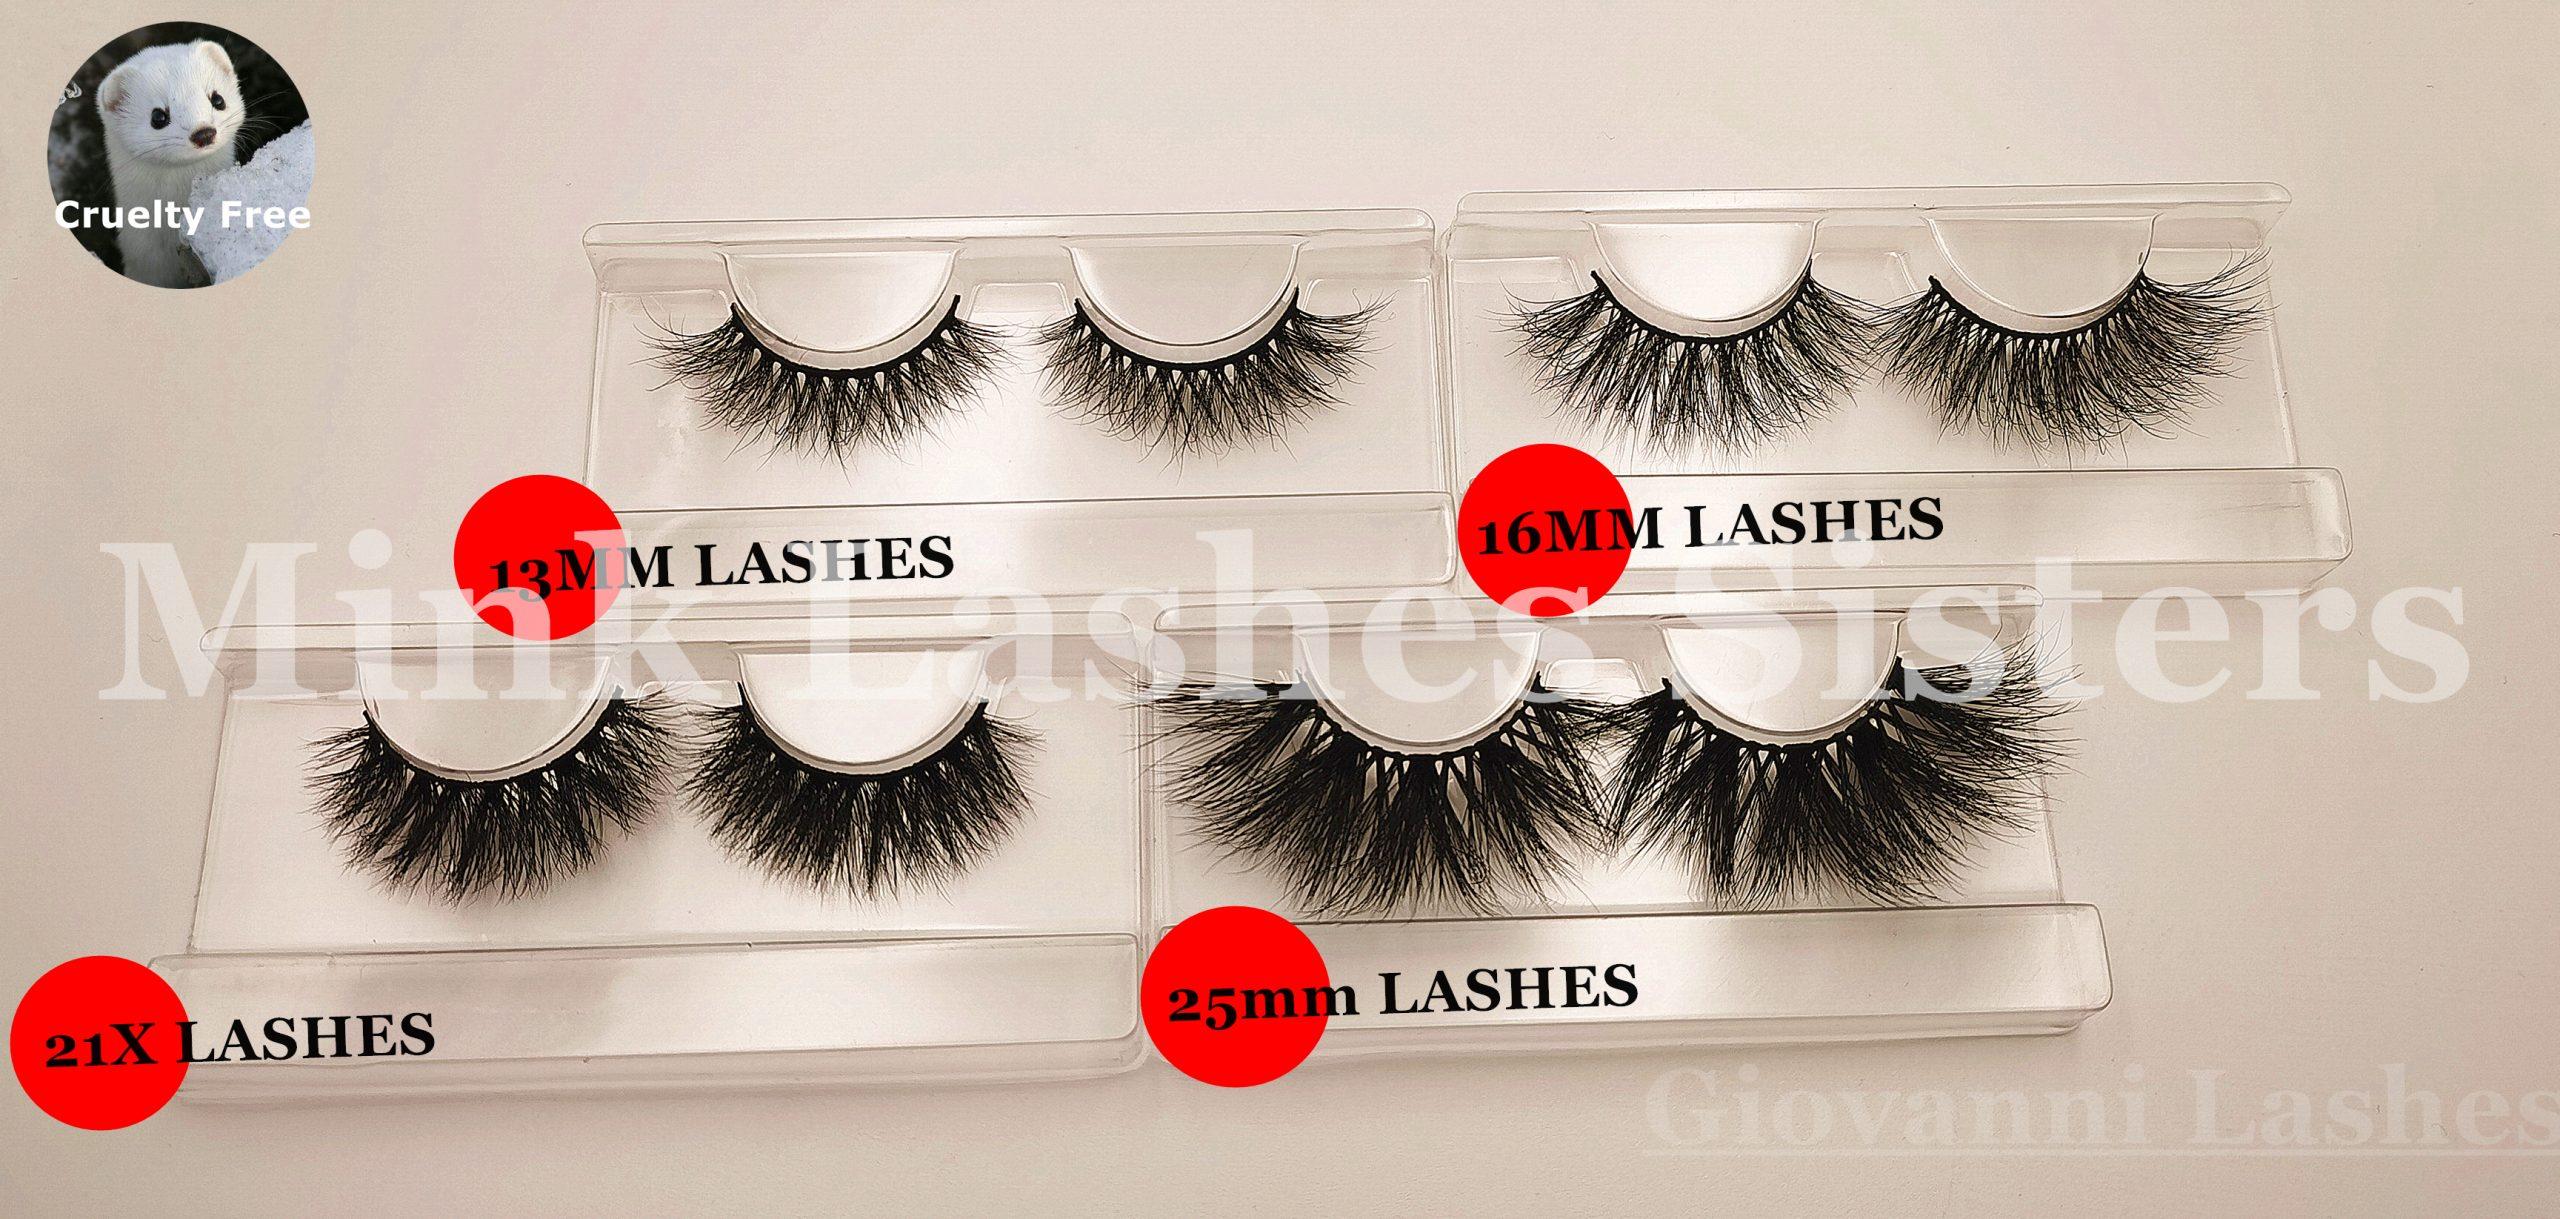 3d mink lash vendors/25mm lash vendors/eyelash vendors wholesale usa